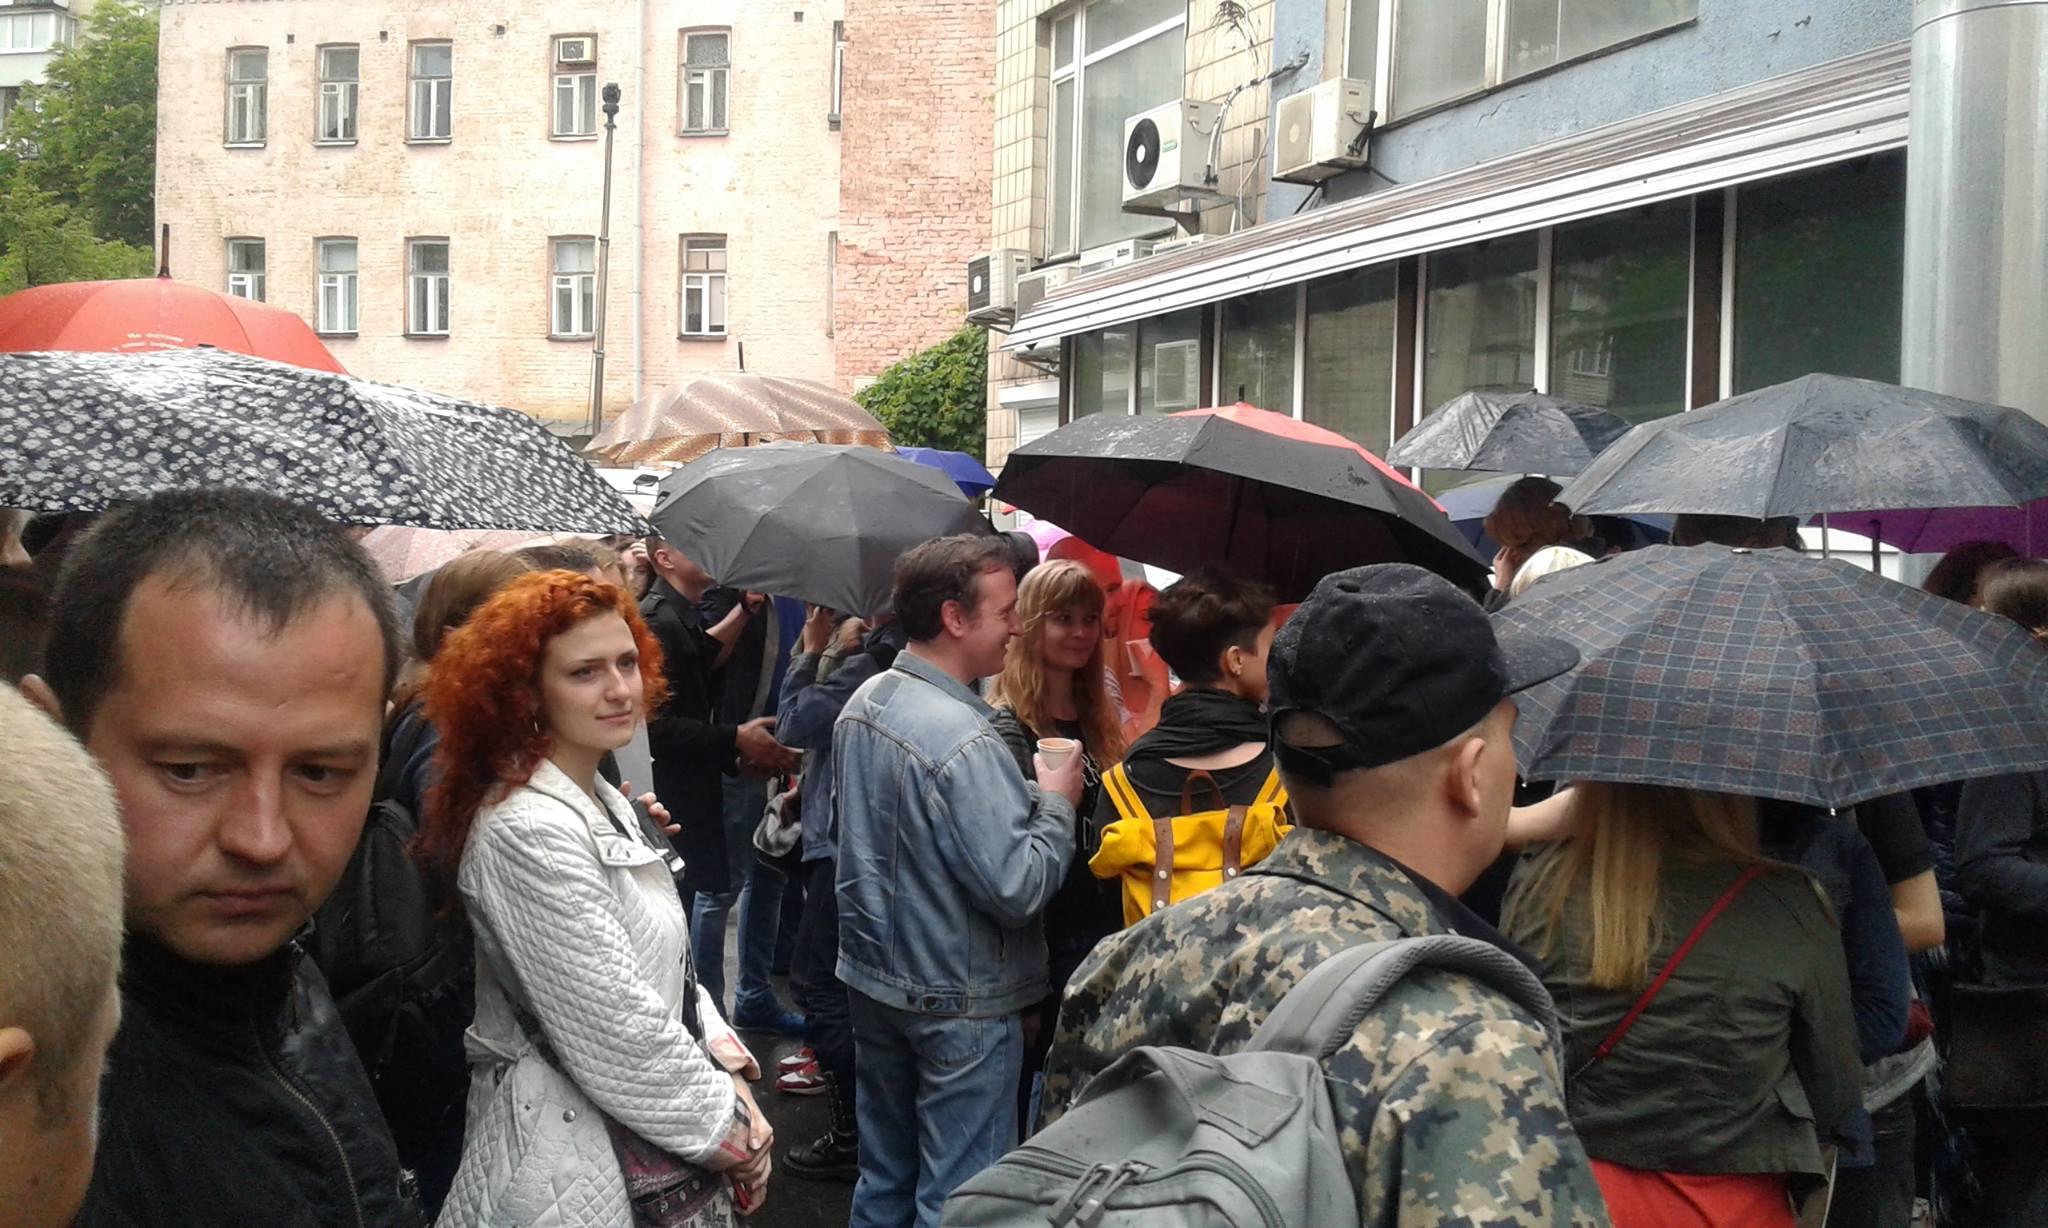 Сeкс одноклaссники в укрaинe фото 3 фотография